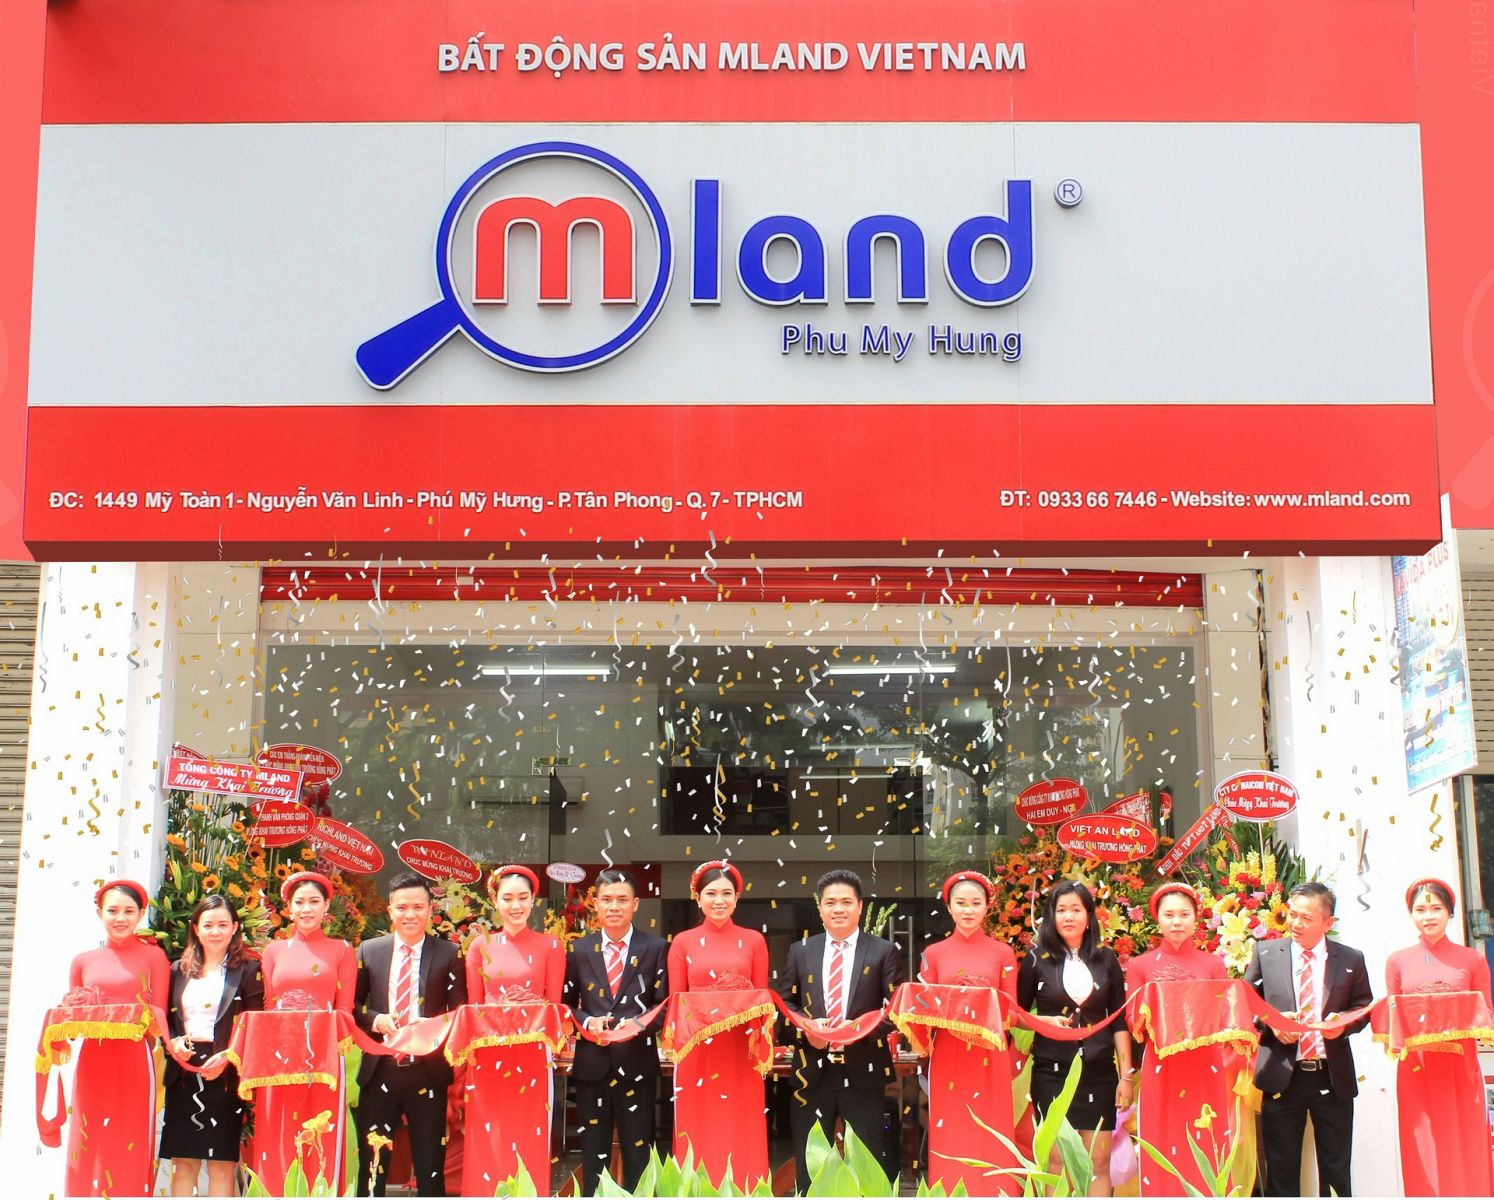 MLand Vietnam khai trương văn phòng mới tại Phú Mỹ Hưng